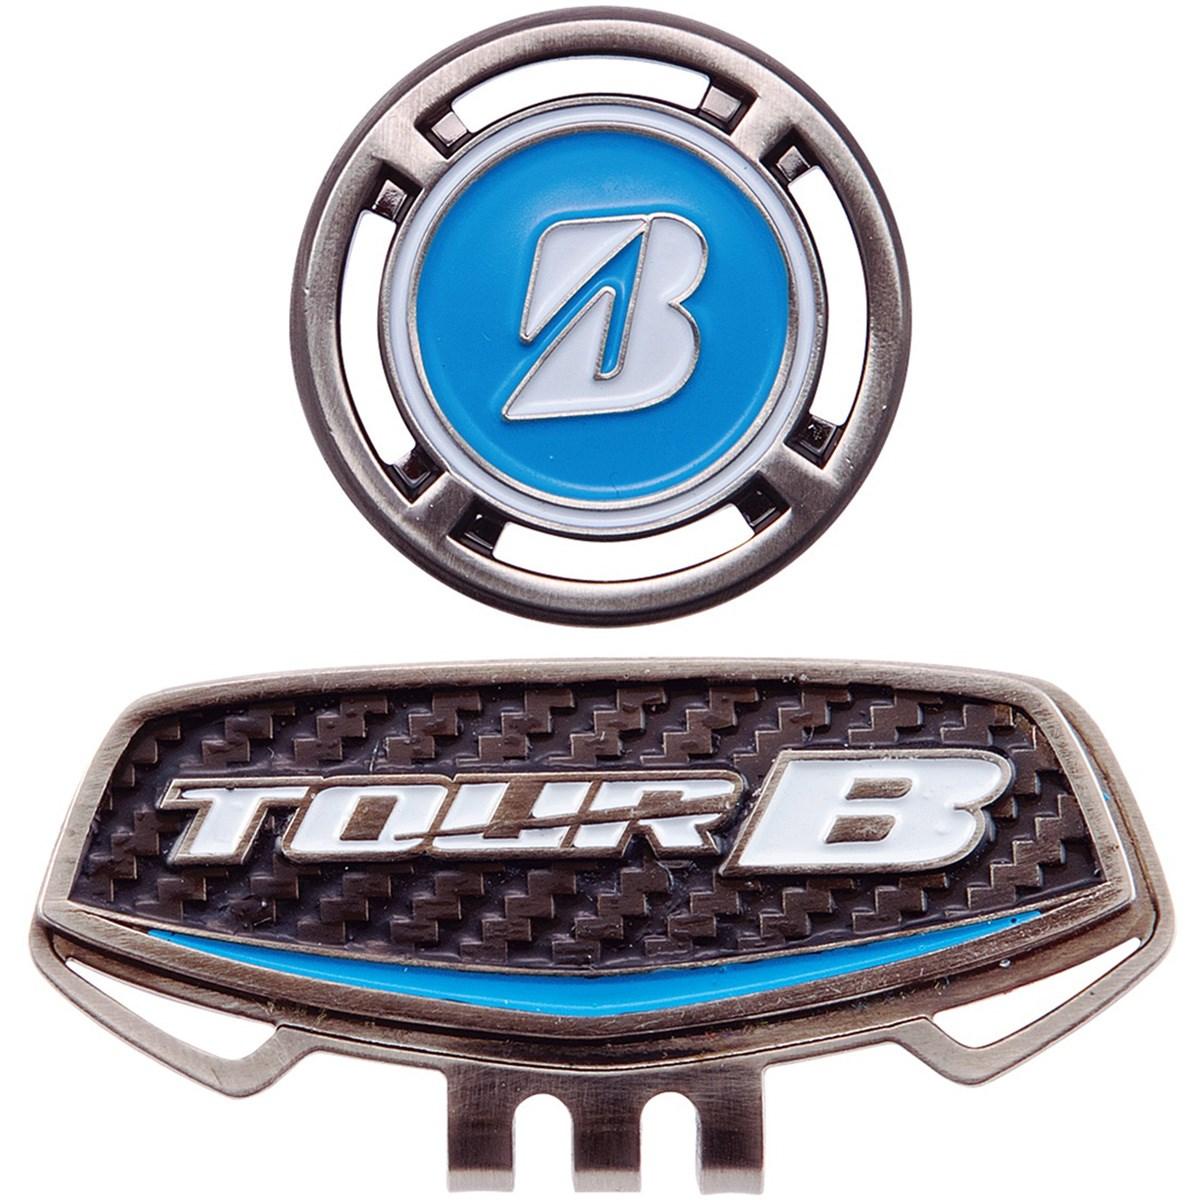 ブリヂストン TOUR B キャップマーカー ブルー